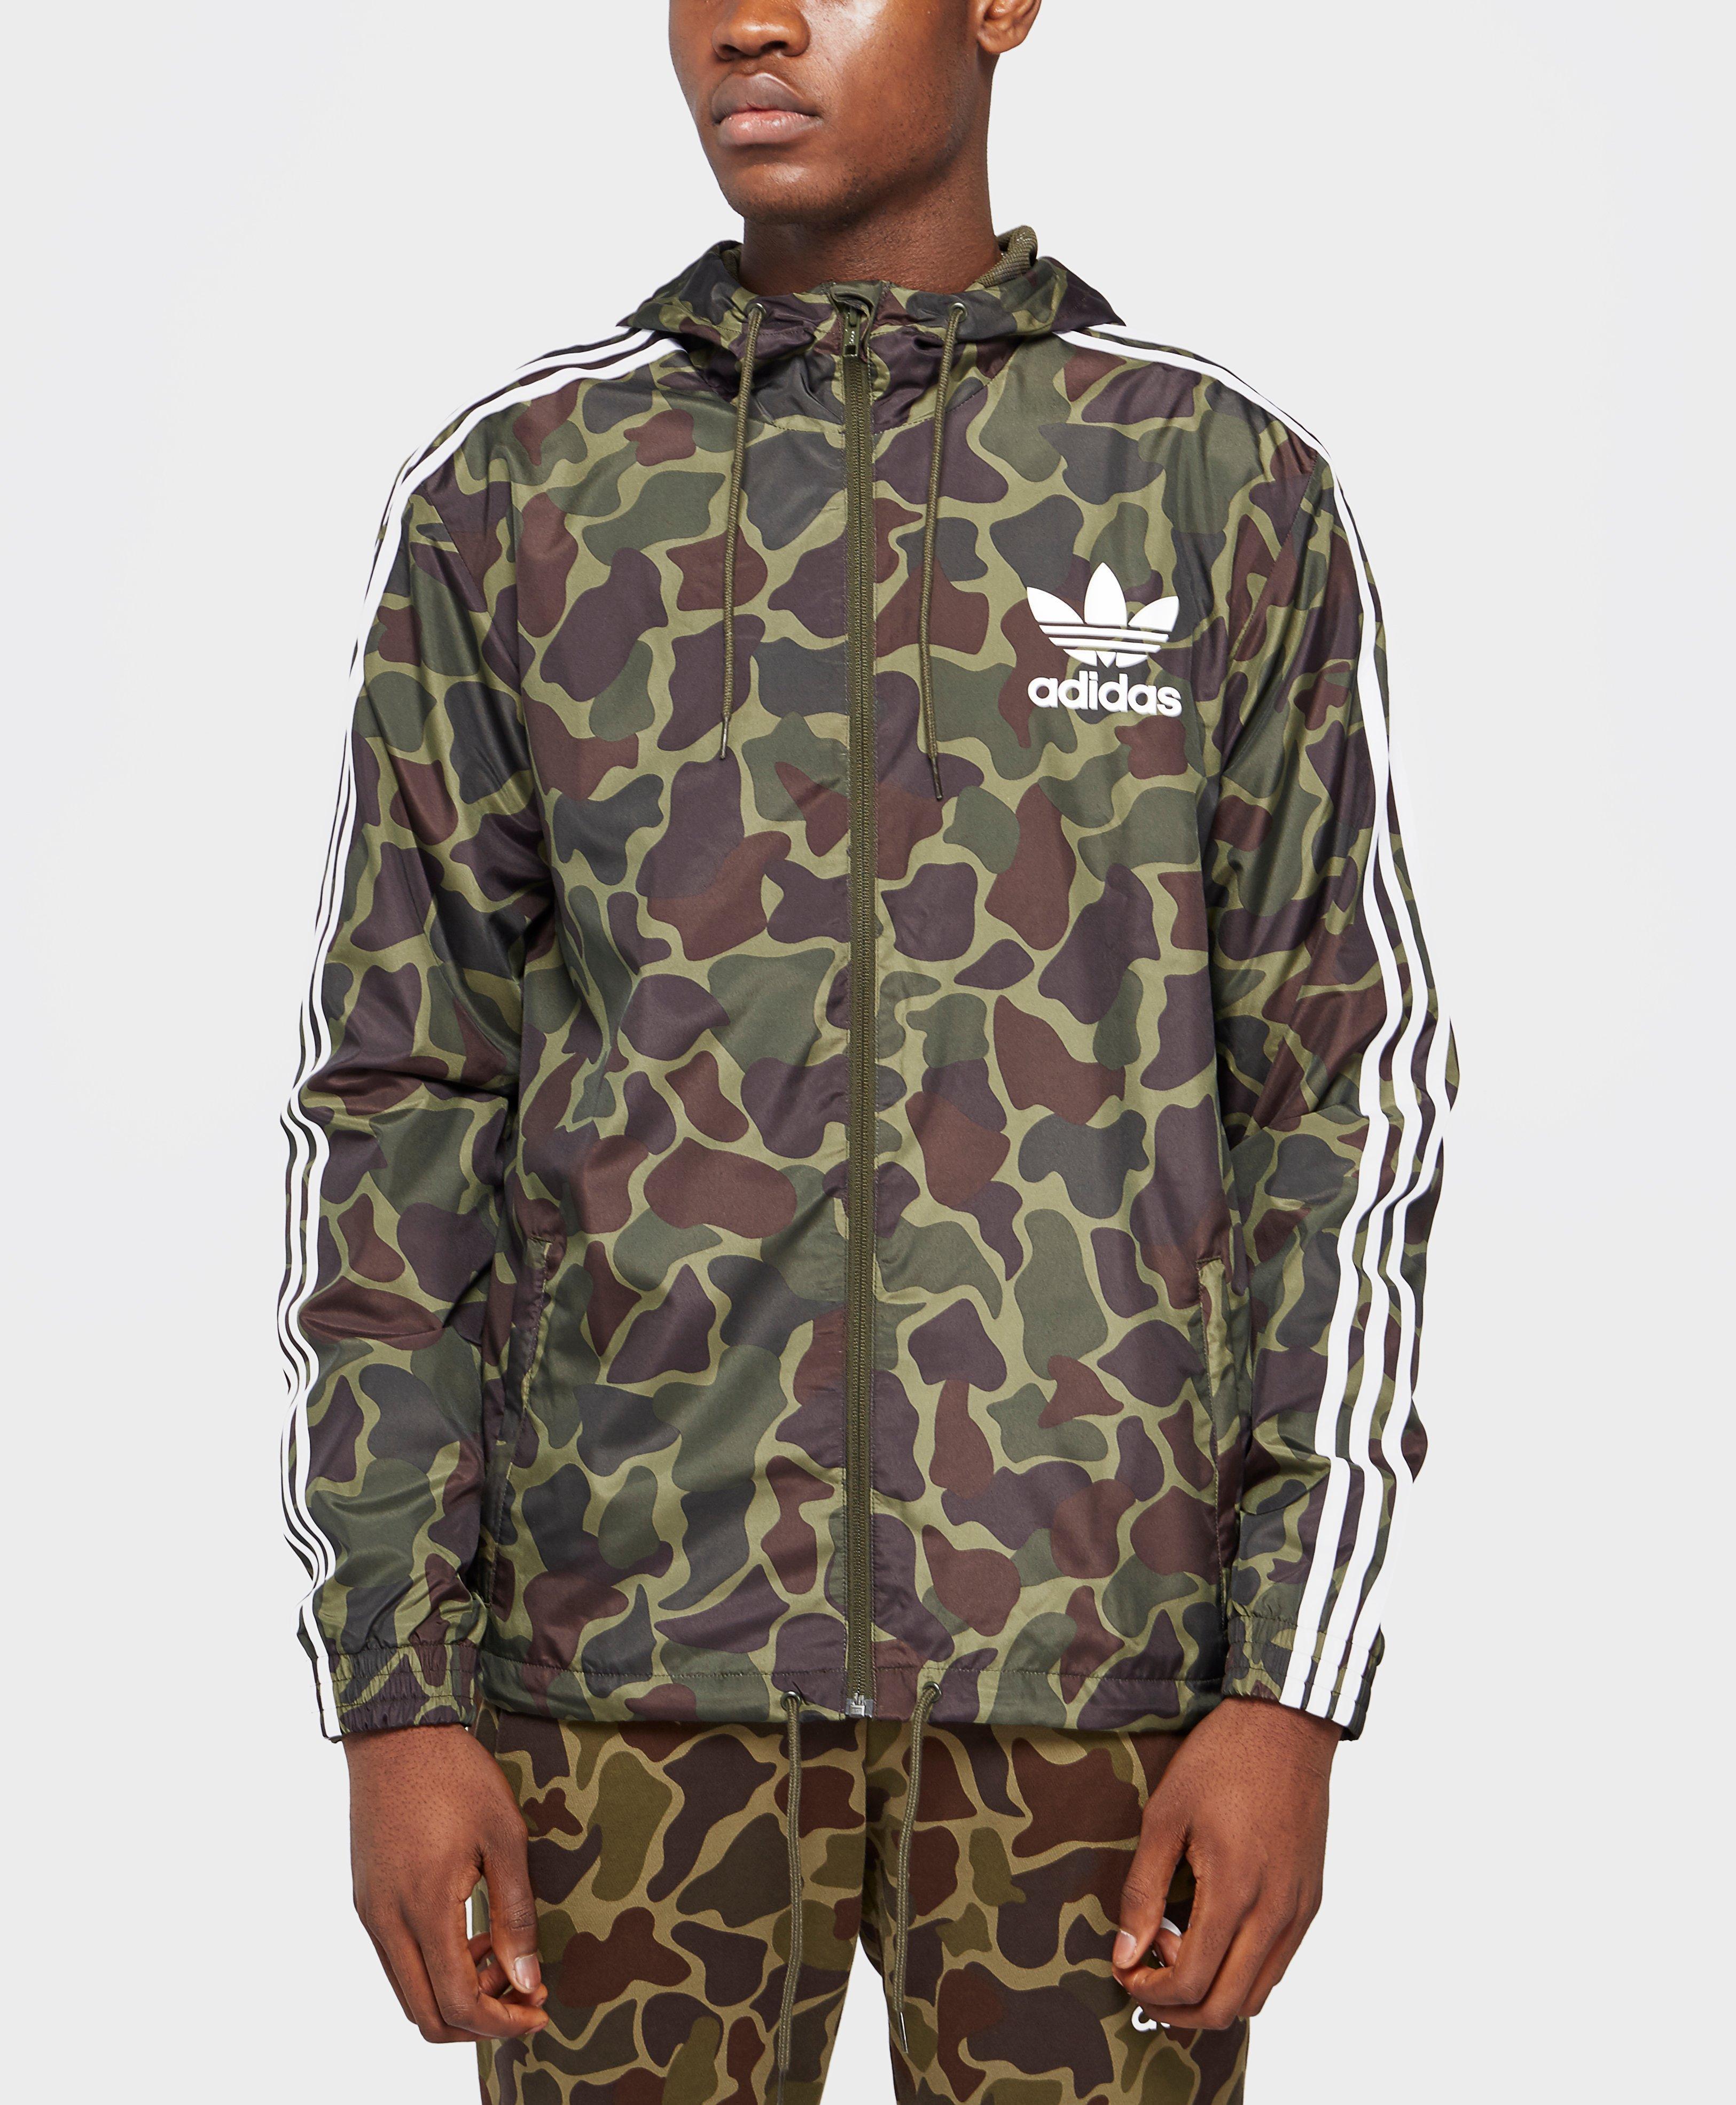 e2e8f20912842 adidas Originals Trefoil All Over Print Lightweight Jacket for Men ...